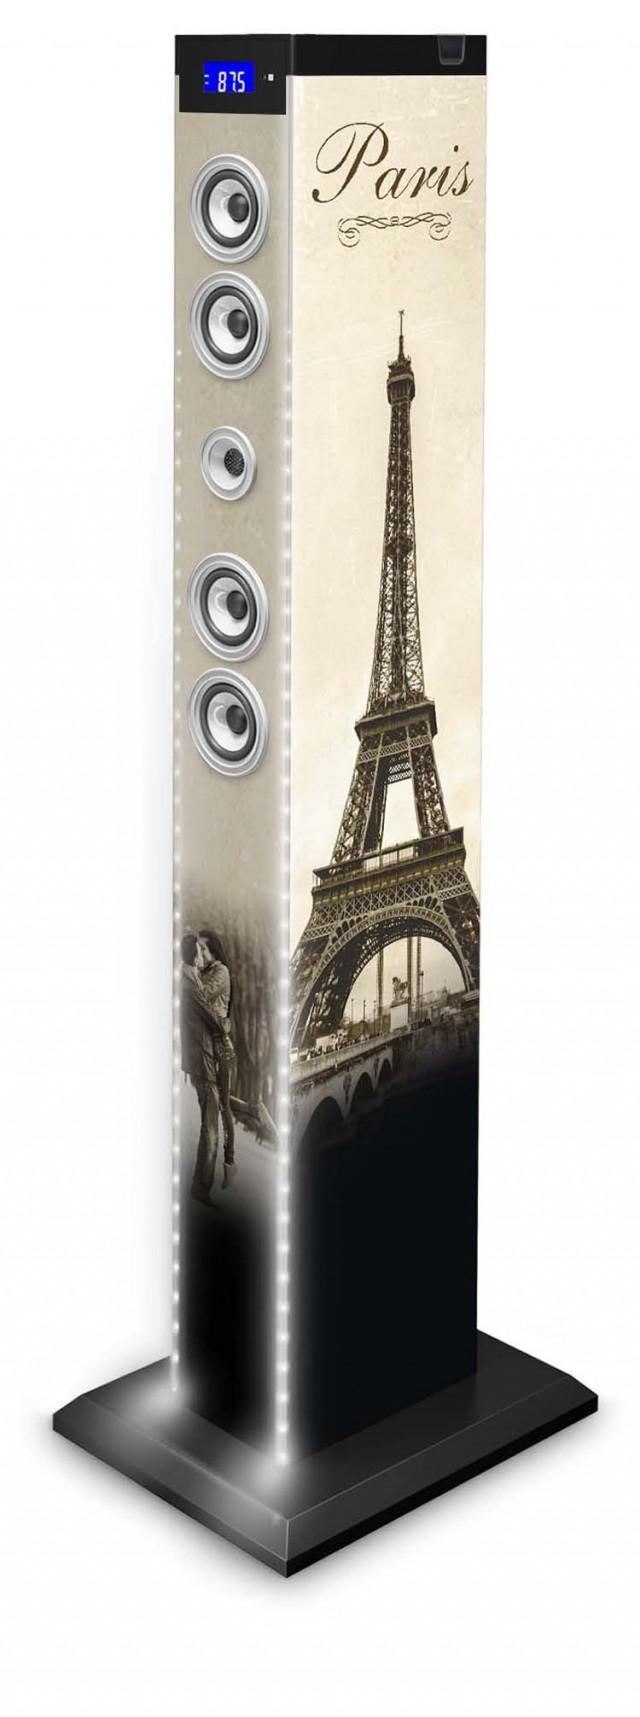 Tour multimédia Paris lumineux - Packshot